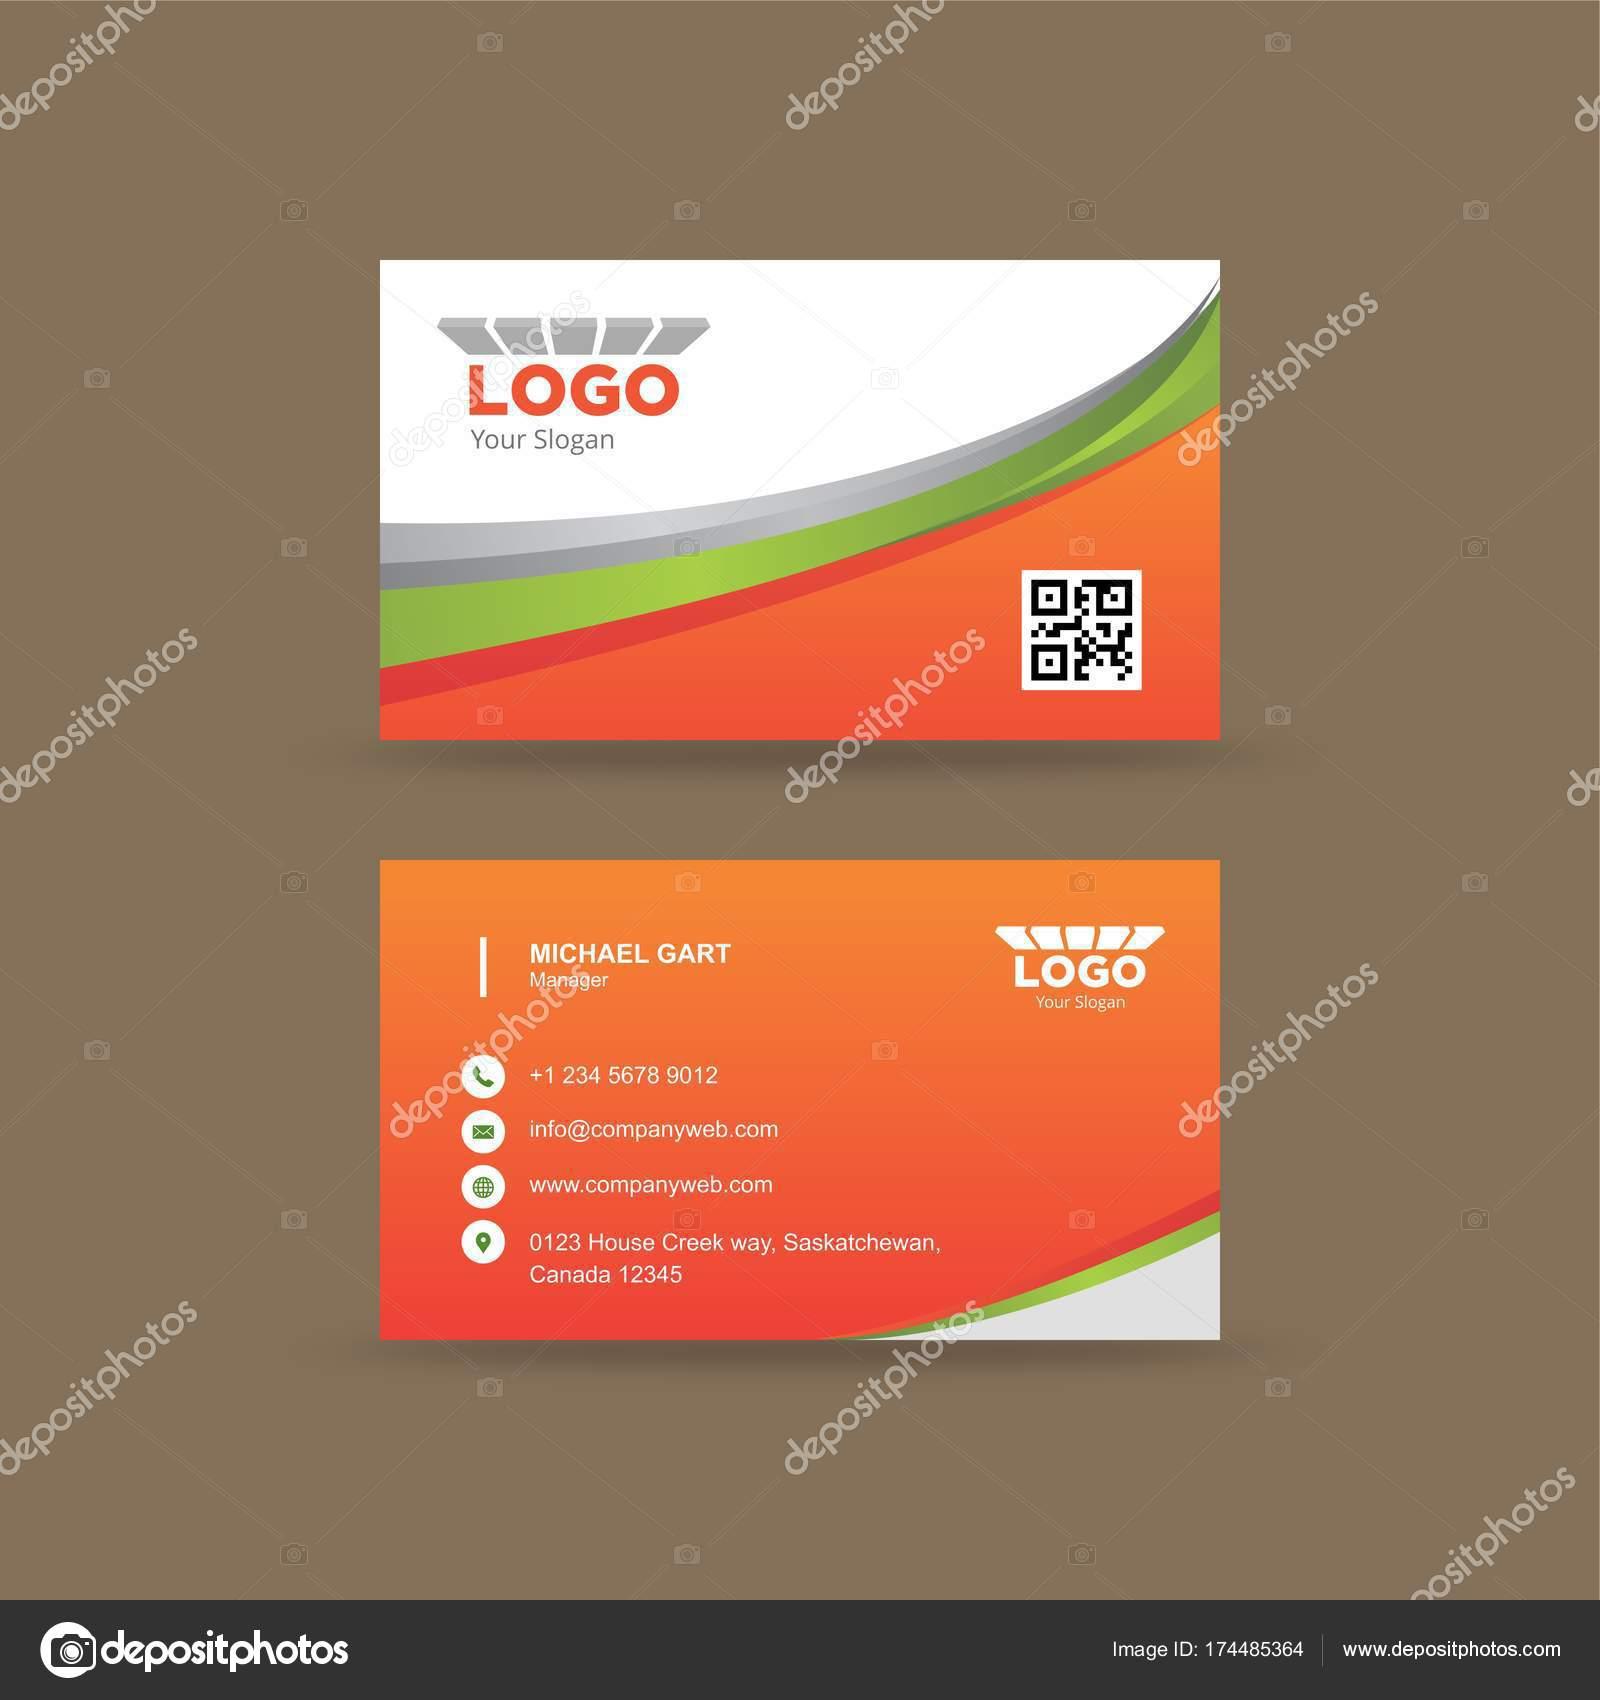 Carte De Visite Avec Orange Vert Et Gris Fonce Courbe Frontiere Typographie Blanche Vecteur Par